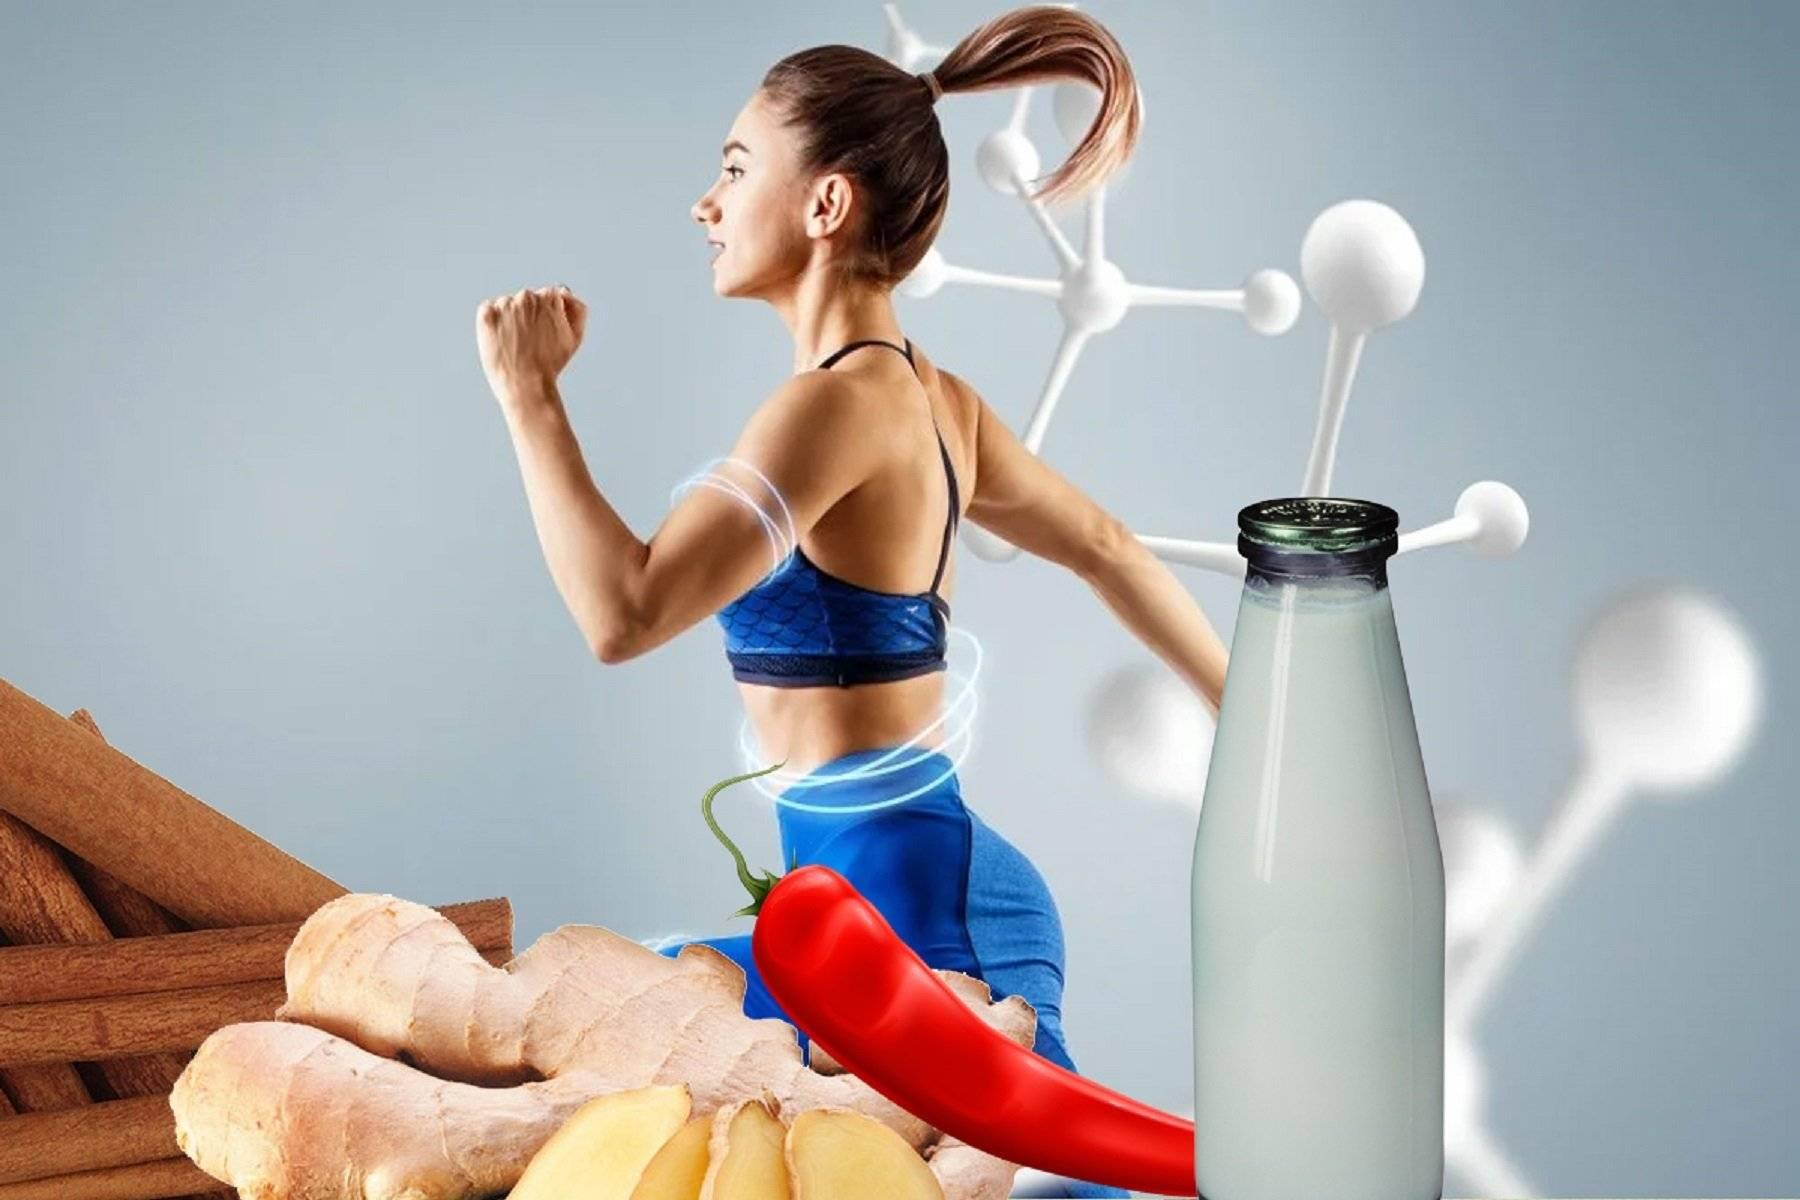 Как разогнать метаболизм (обмен веществ)